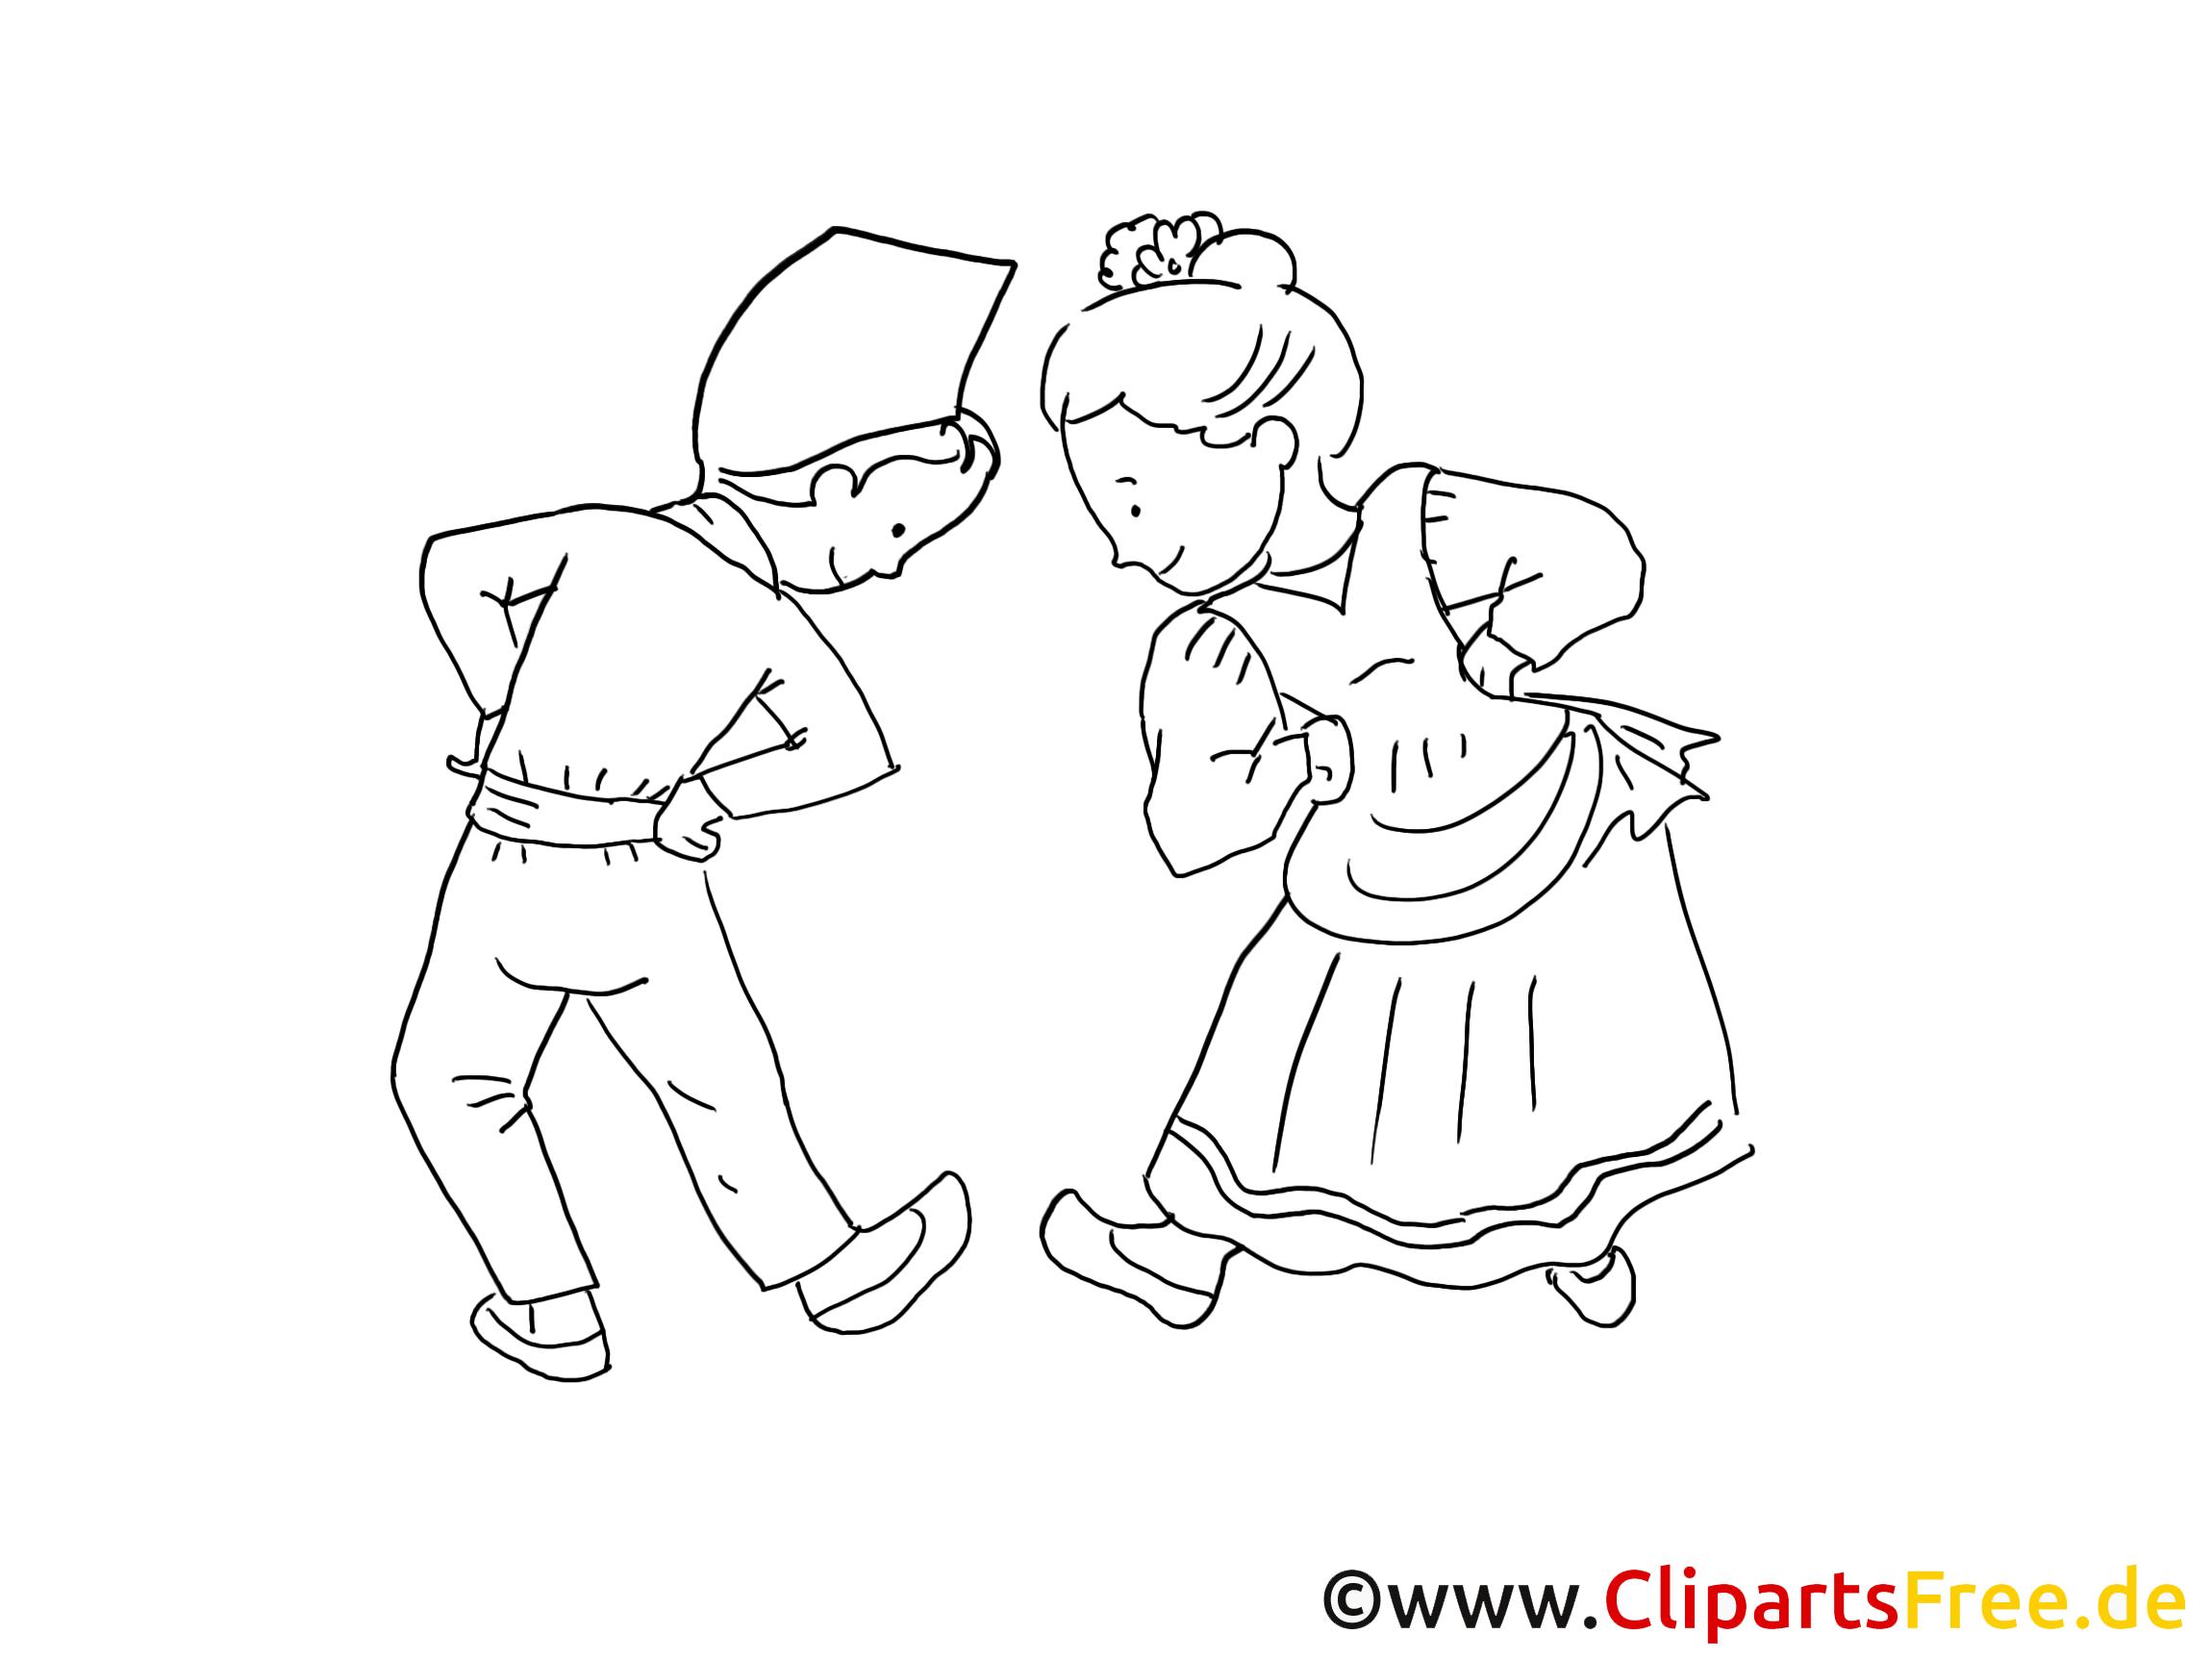 Tanzen in Trachten Malvorlagen Karneval